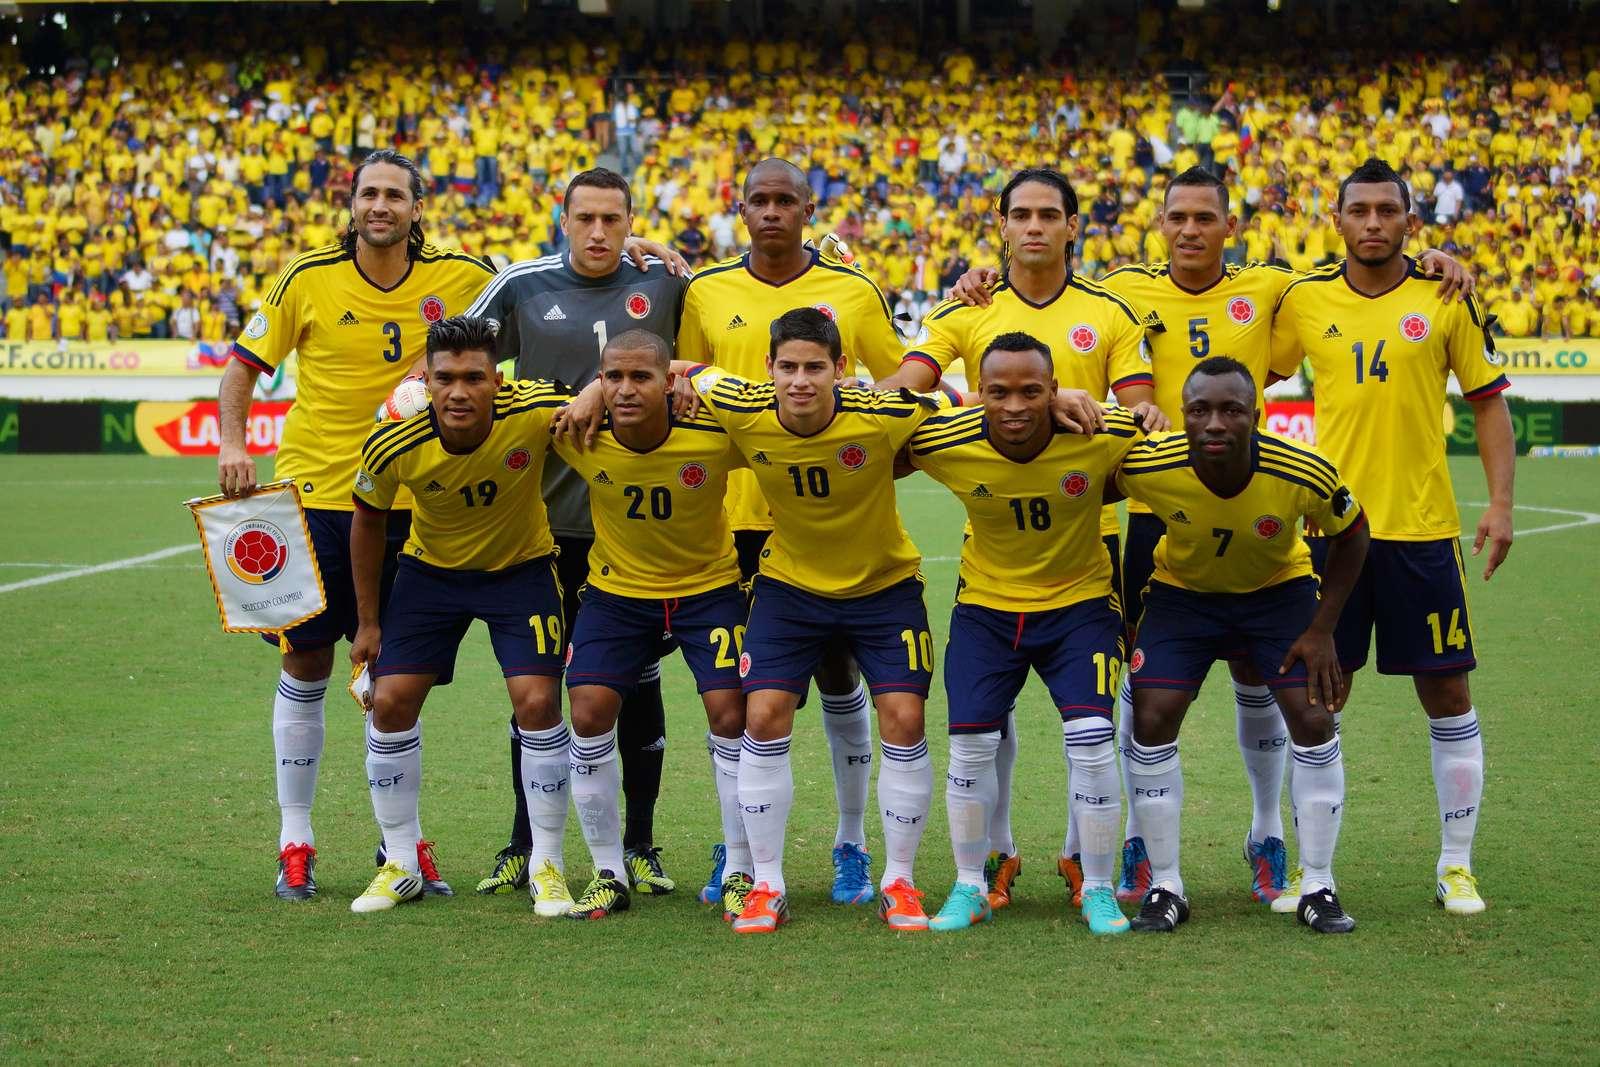 Imagenes de Colombia seleccion